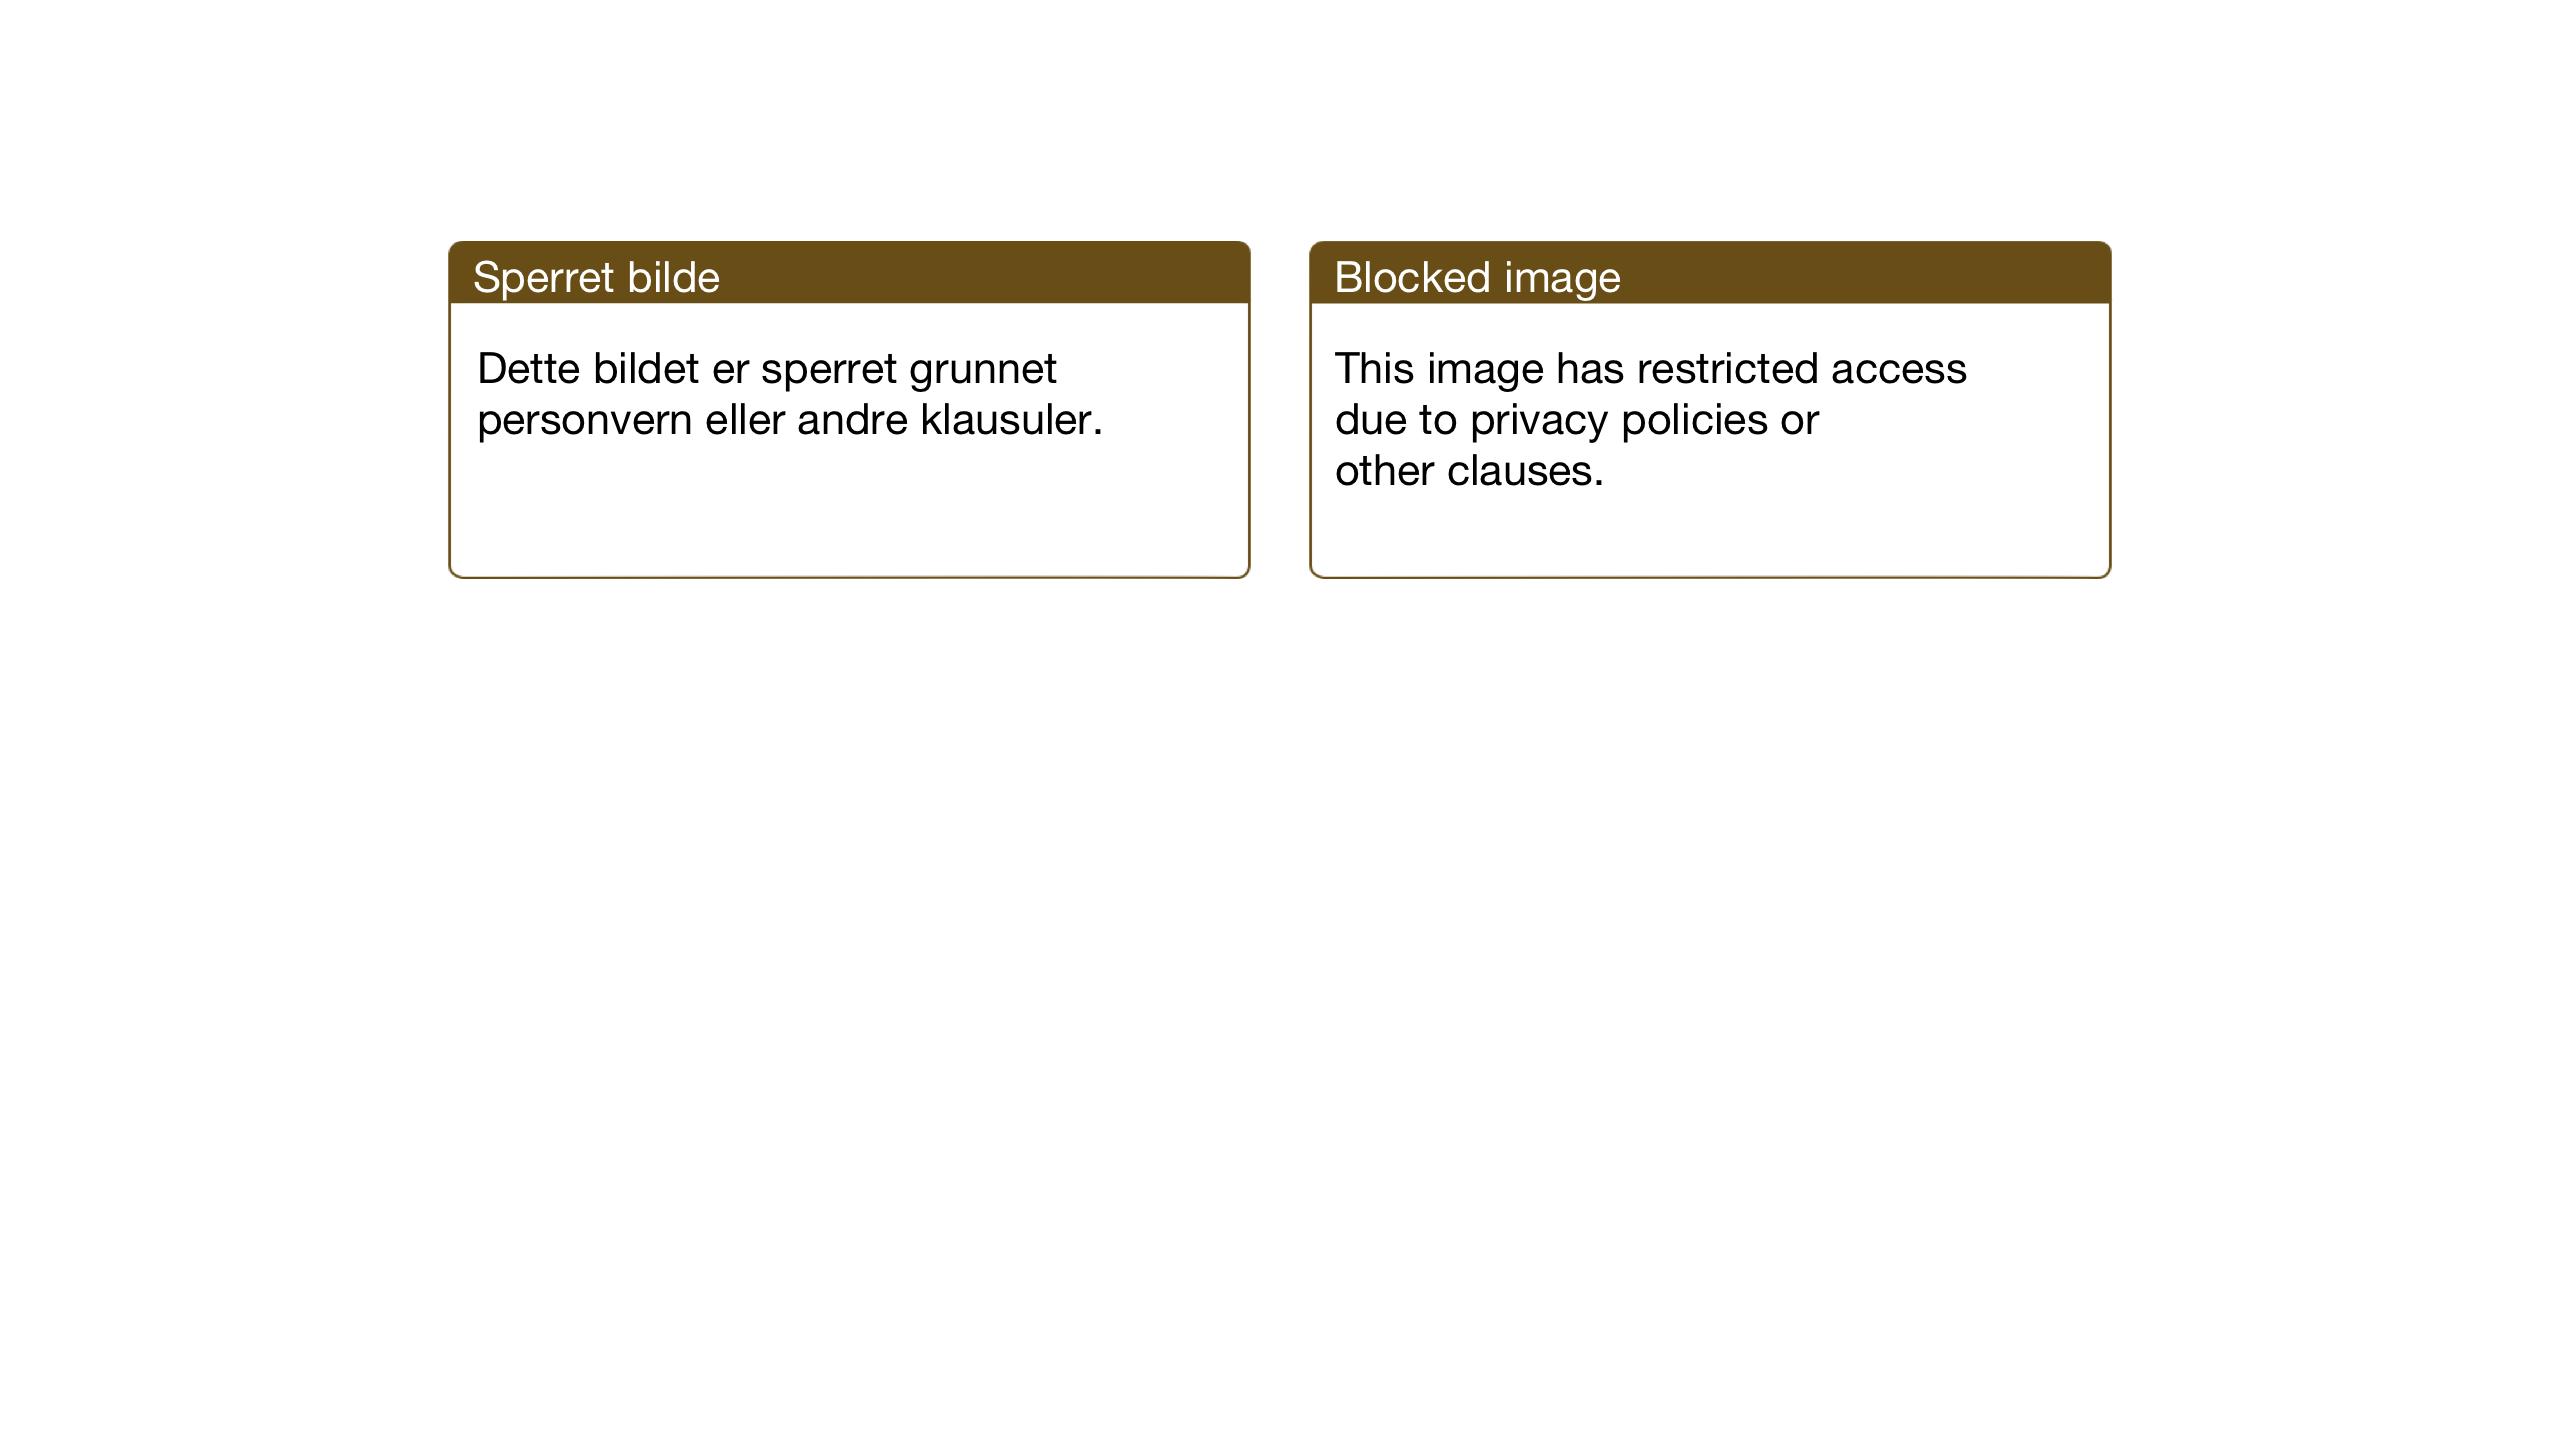 SAT, Ministerialprotokoller, klokkerbøker og fødselsregistre - Sør-Trøndelag, 681/L0944: Klokkerbok nr. 681C08, 1926-1954, s. 92